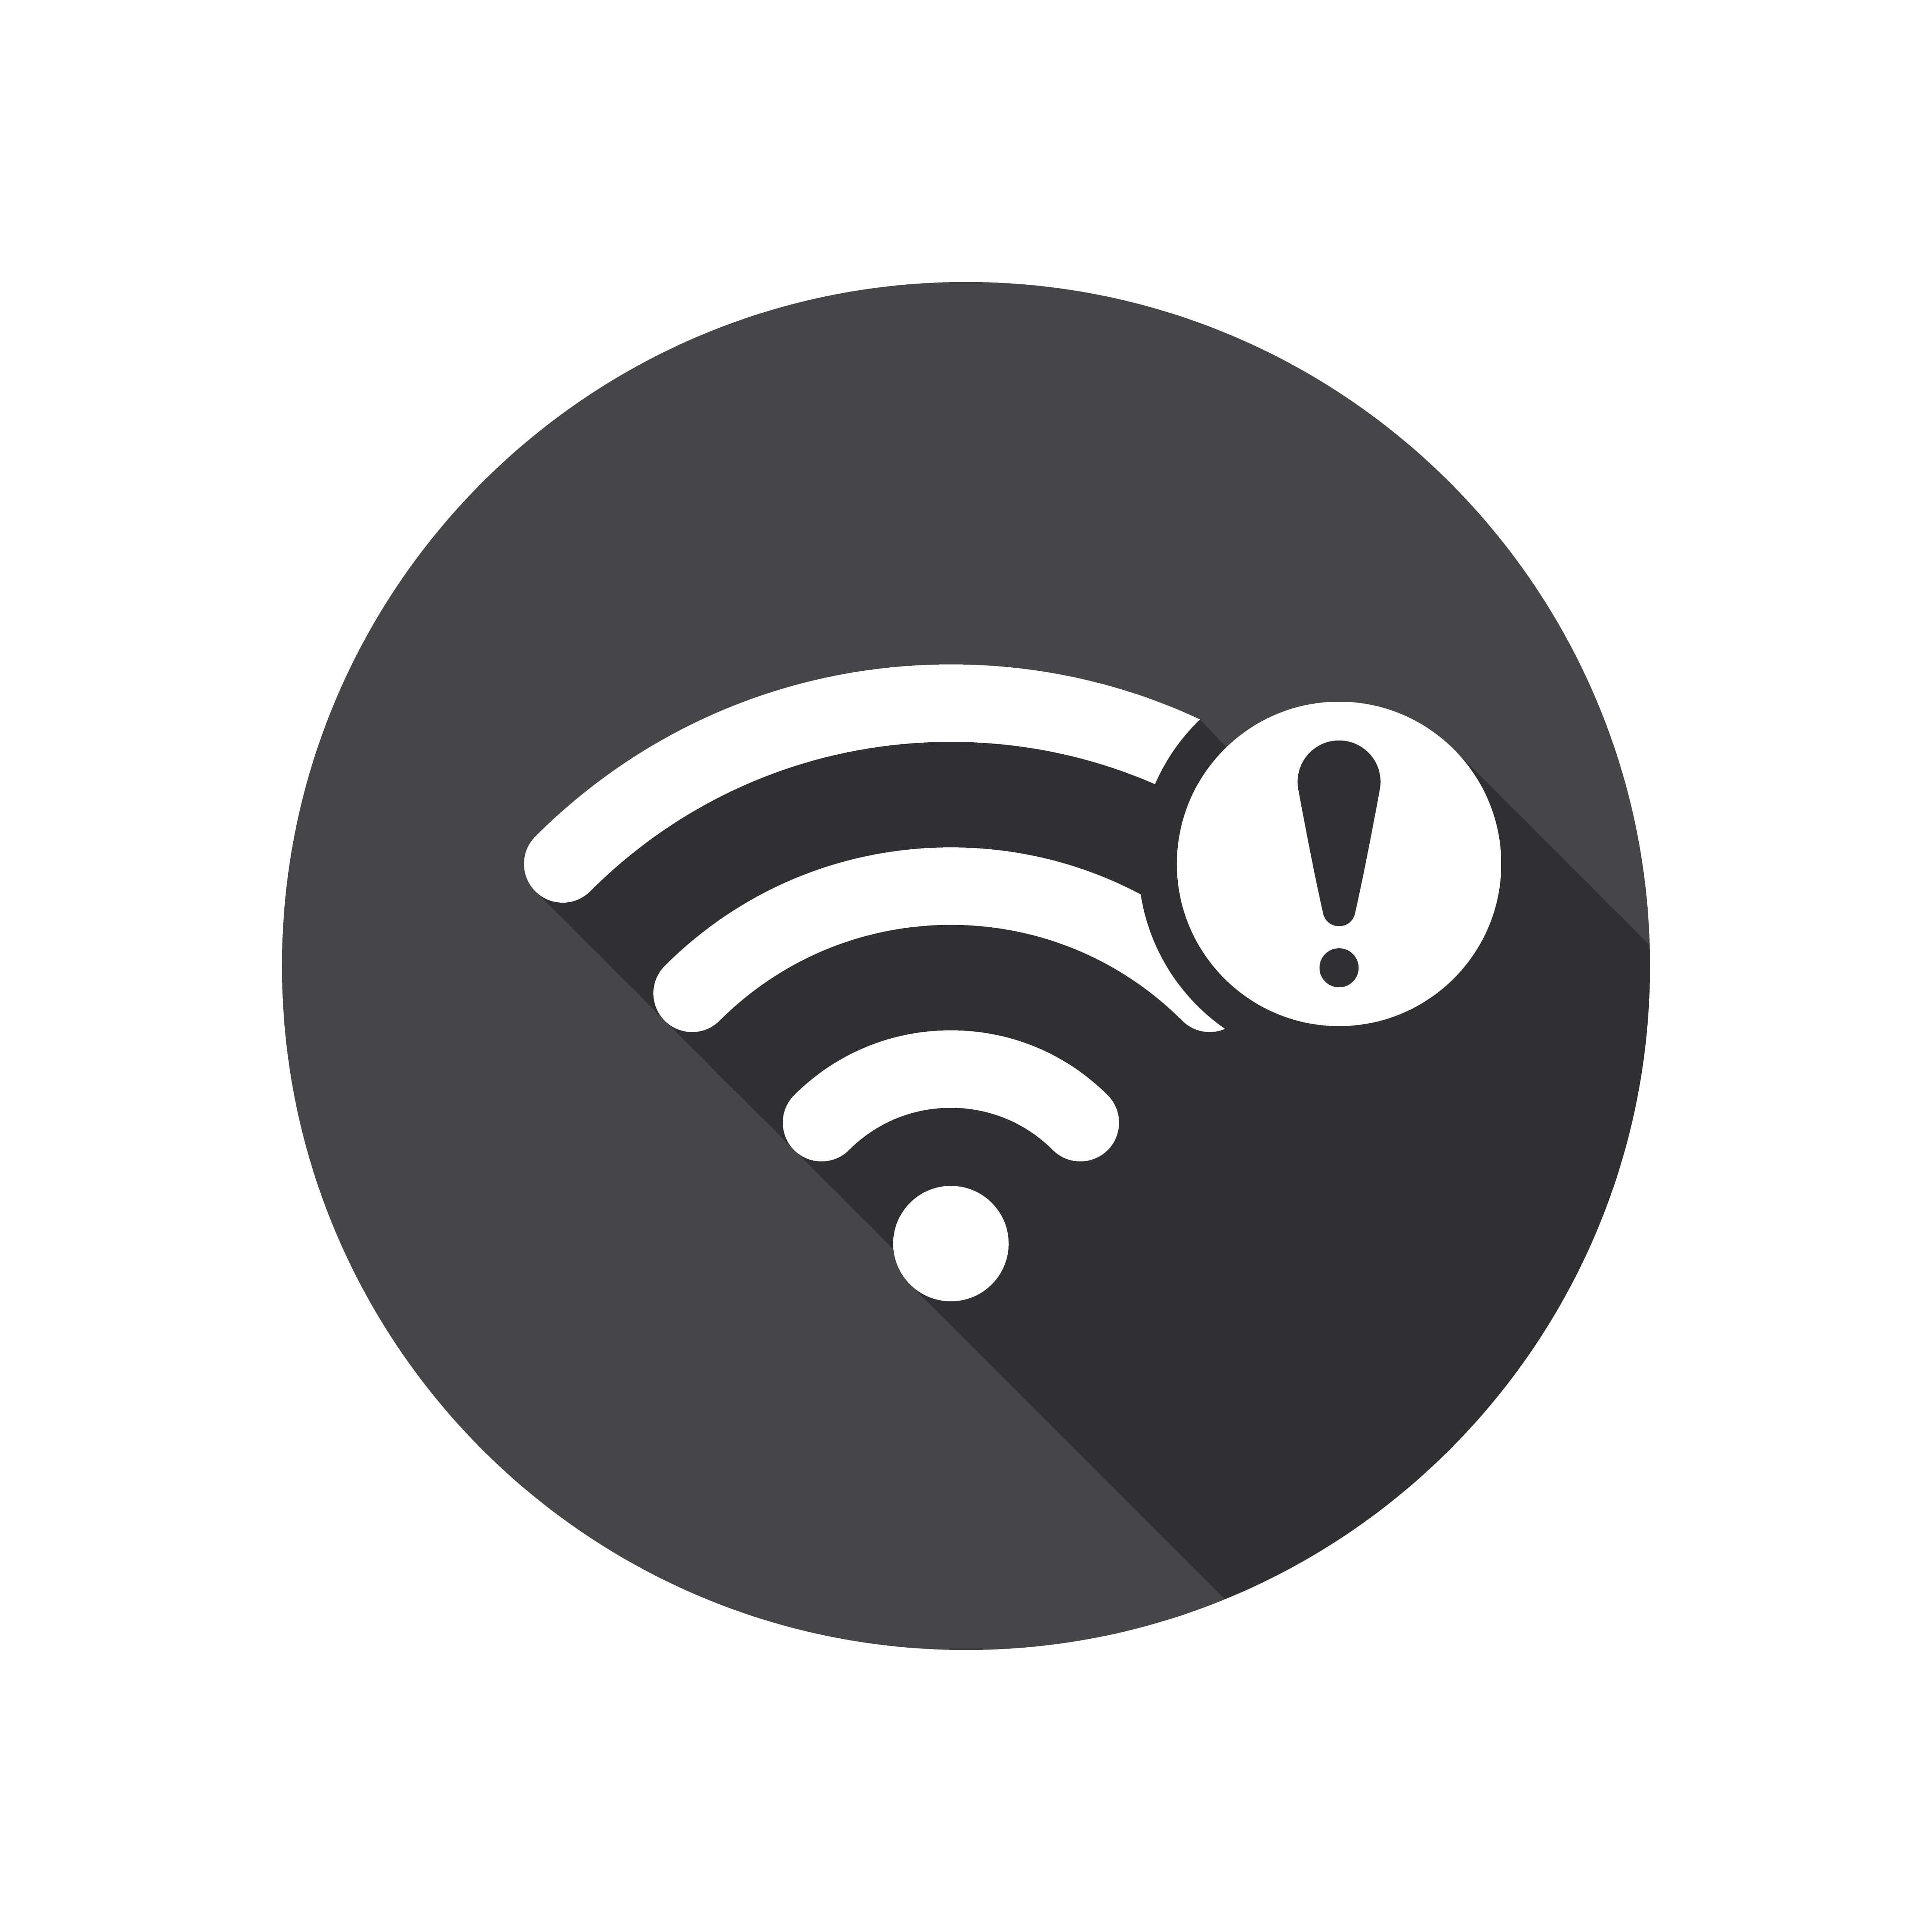 wi fi 電波 は ある の に 繋がら ない